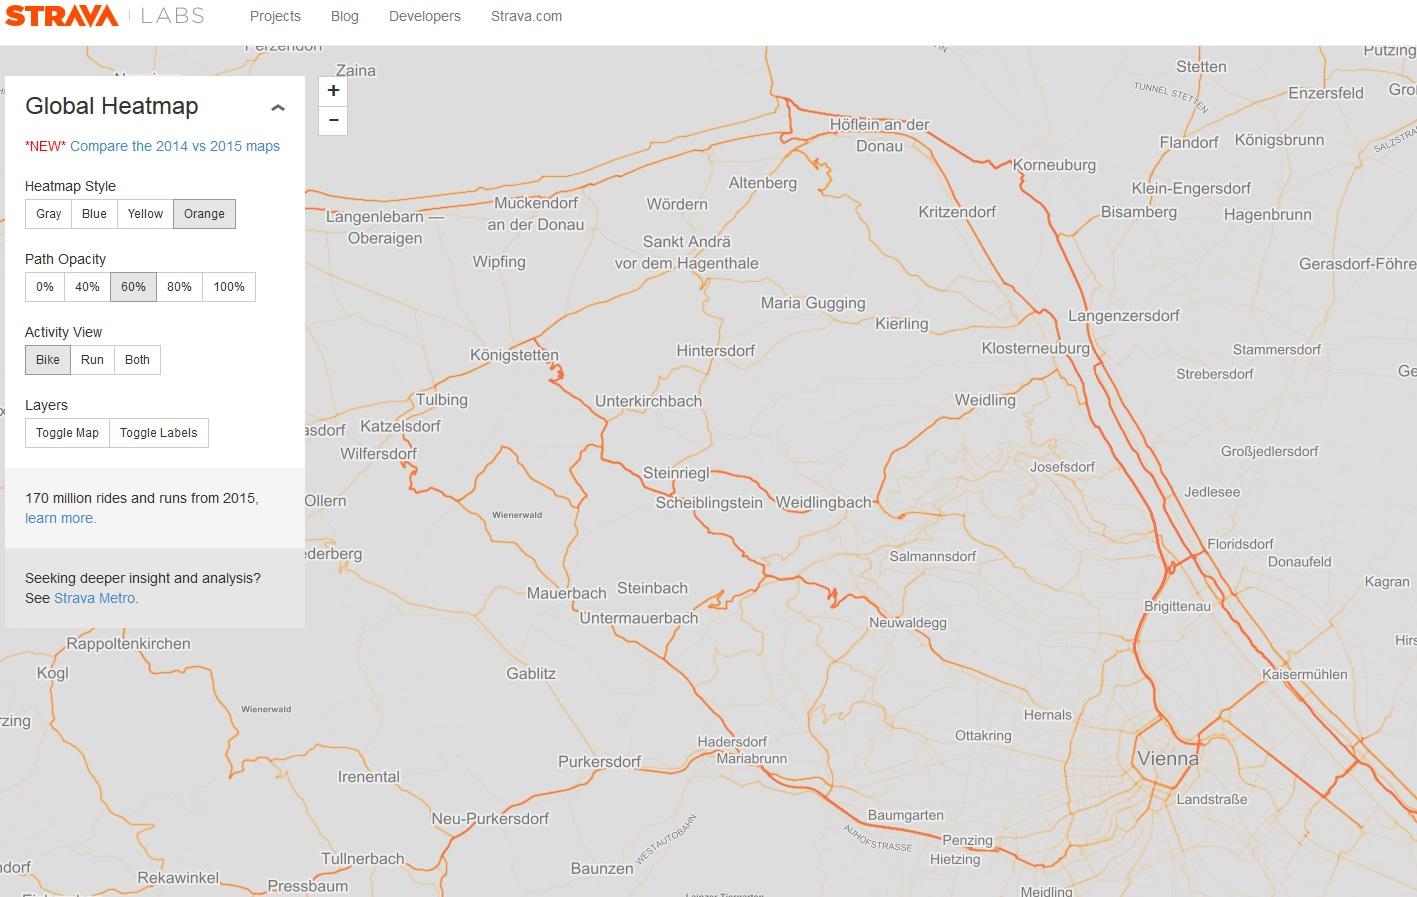 Wiener Ausschnitt aus der Global Heat Map von Strava (Link siehe oben)